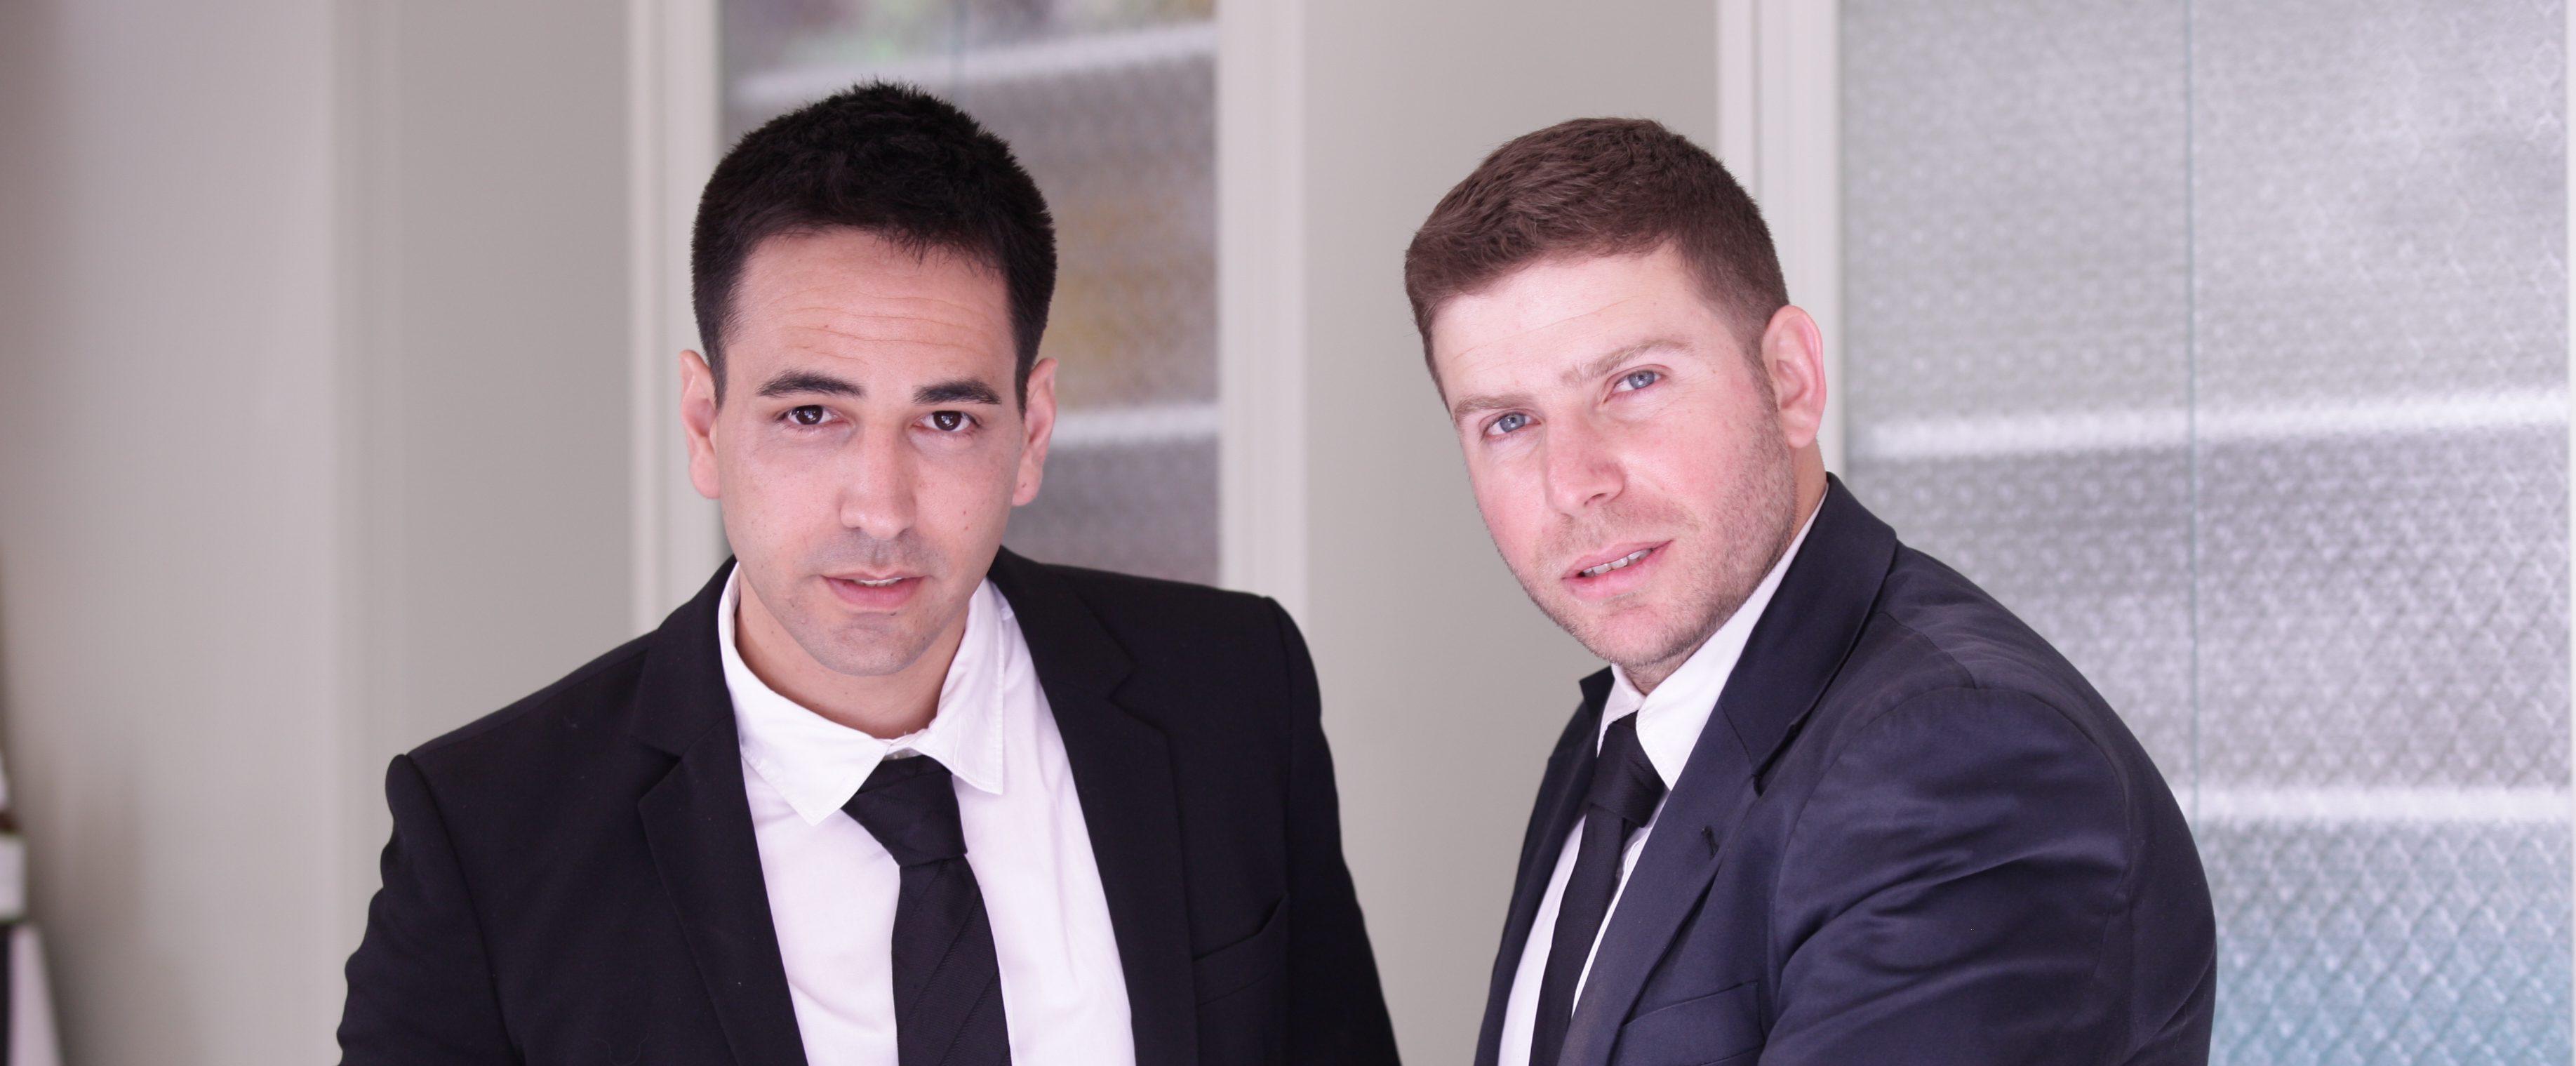 עורכי הדין ערן רוז וצביקה הופמן